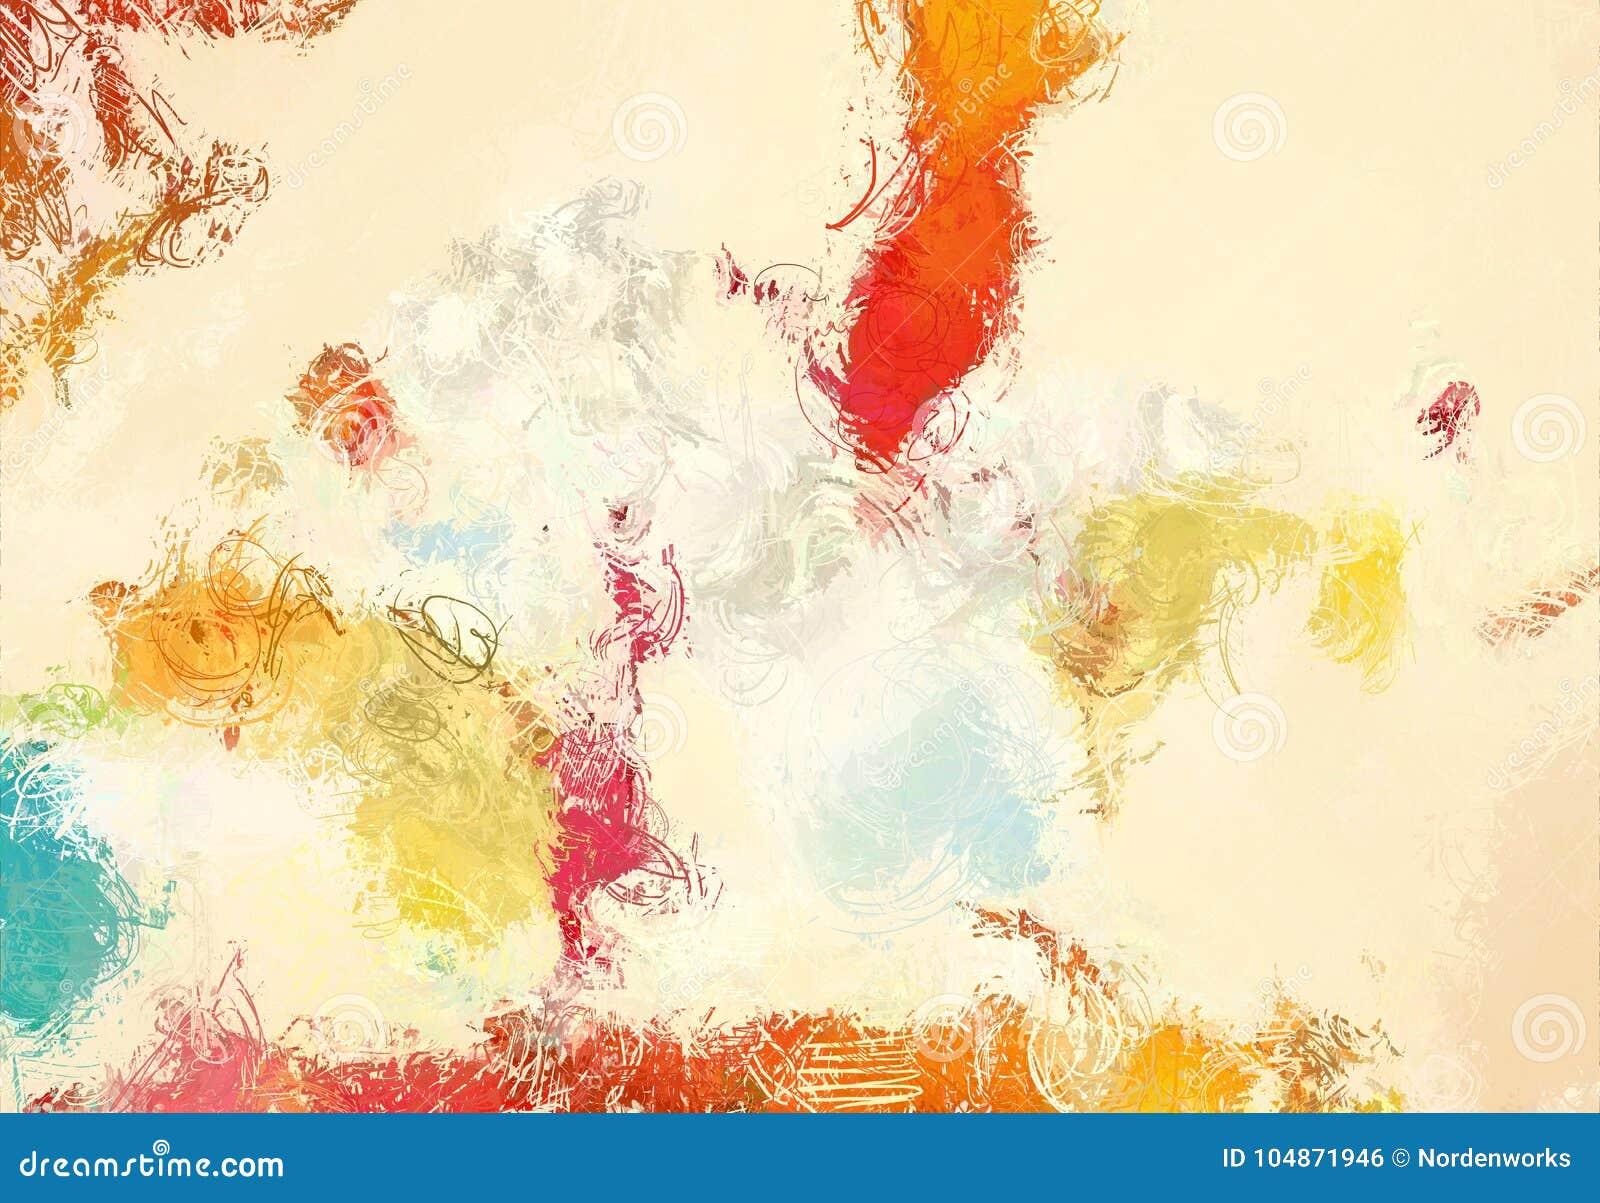 Αφηρημένη σύσταση σκίτσων τέχνης Ζωηρόχρωμες γραμμές που σύρονται ψηφιακά ζωηρόχρωμη σύσταση σύγχρονο έργο τέχνης αφηρημένο ανασκ